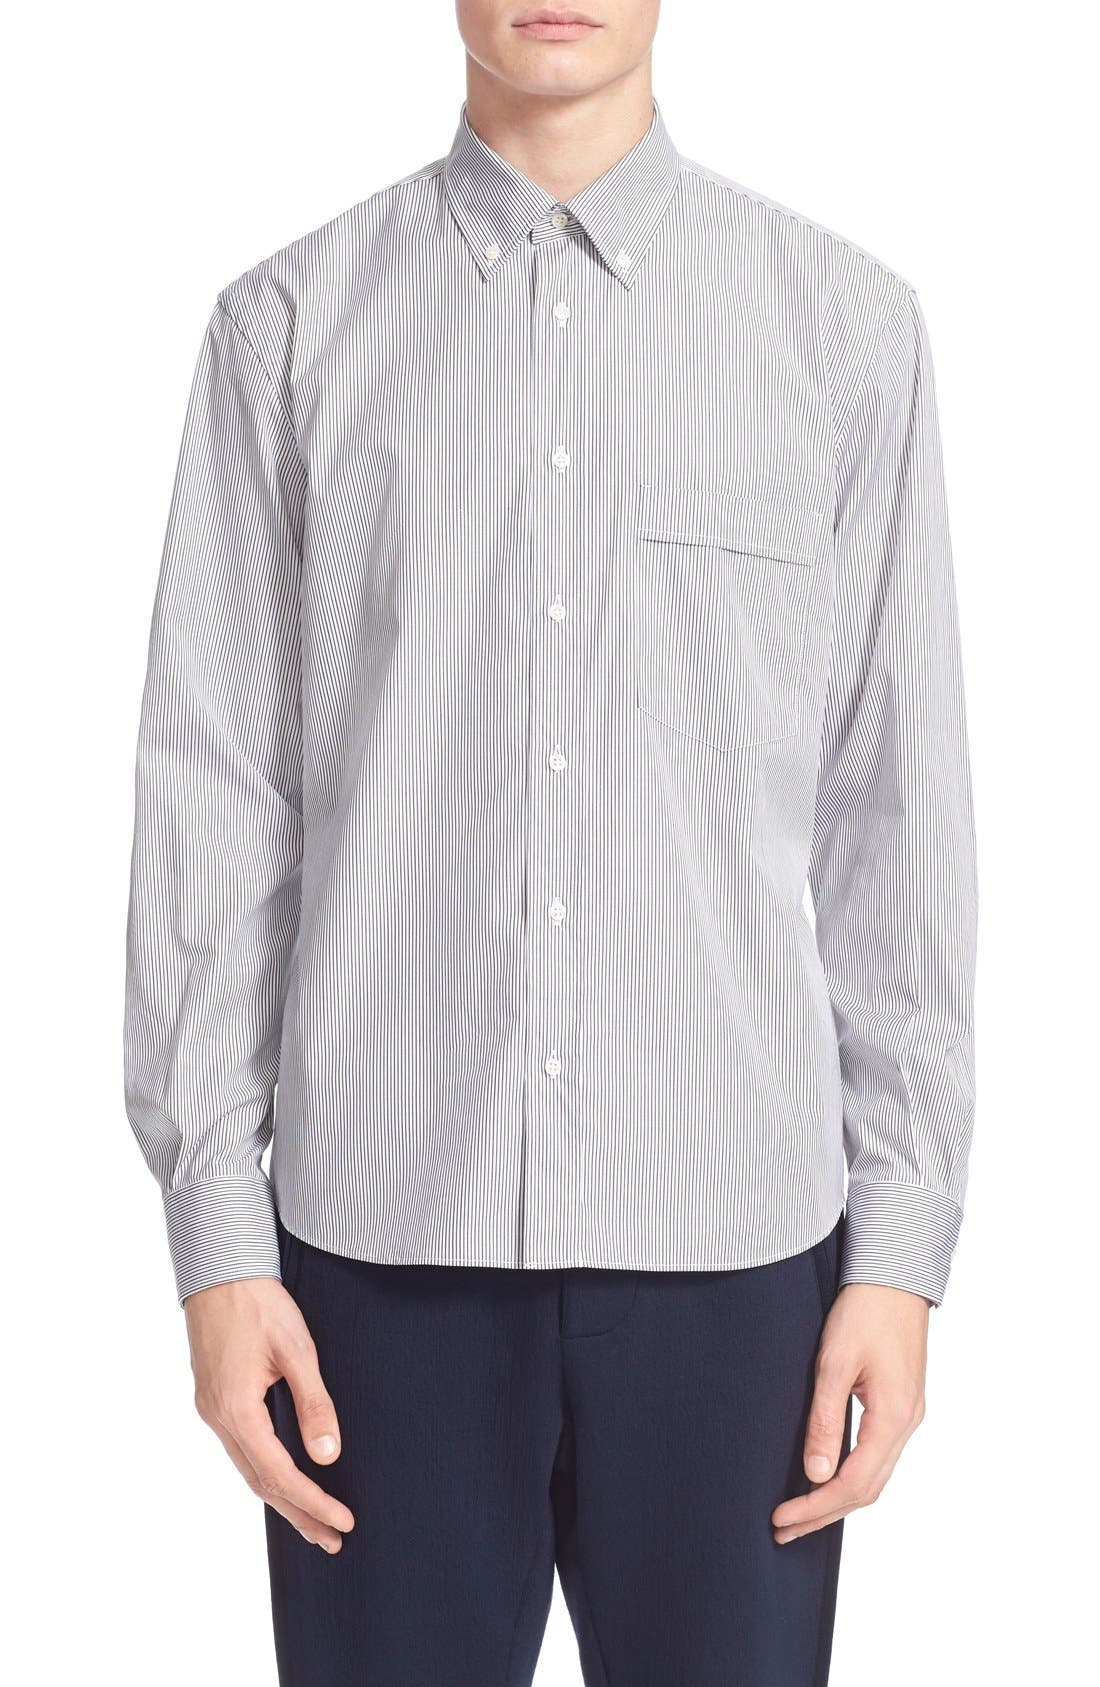 Trim Fit Stripe Shirt, Main, color, 100